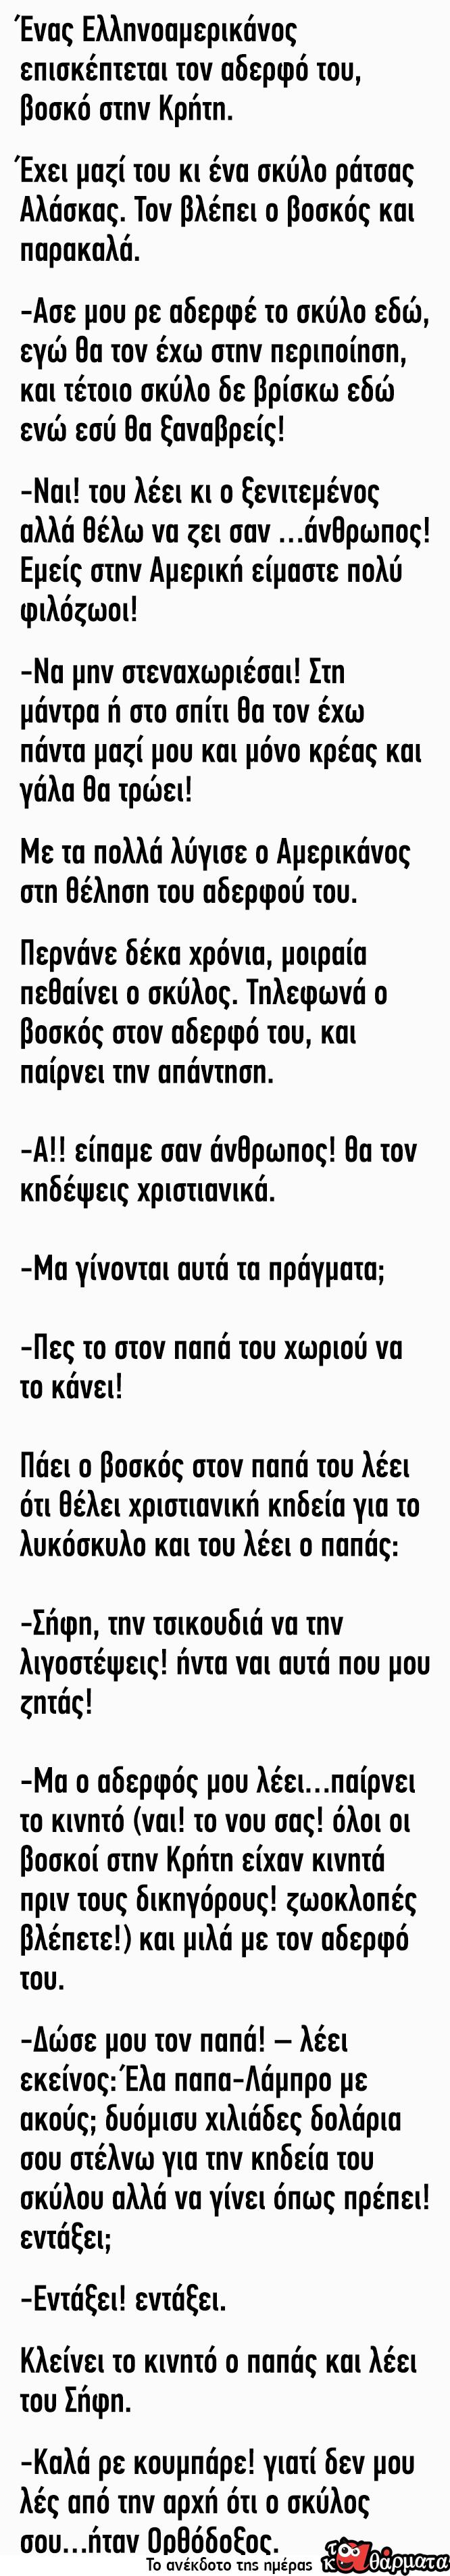 Ένας Ελληνοαμερικάνος επισκέπτεται τον αδερφό του βοσκό στην Κρήτη